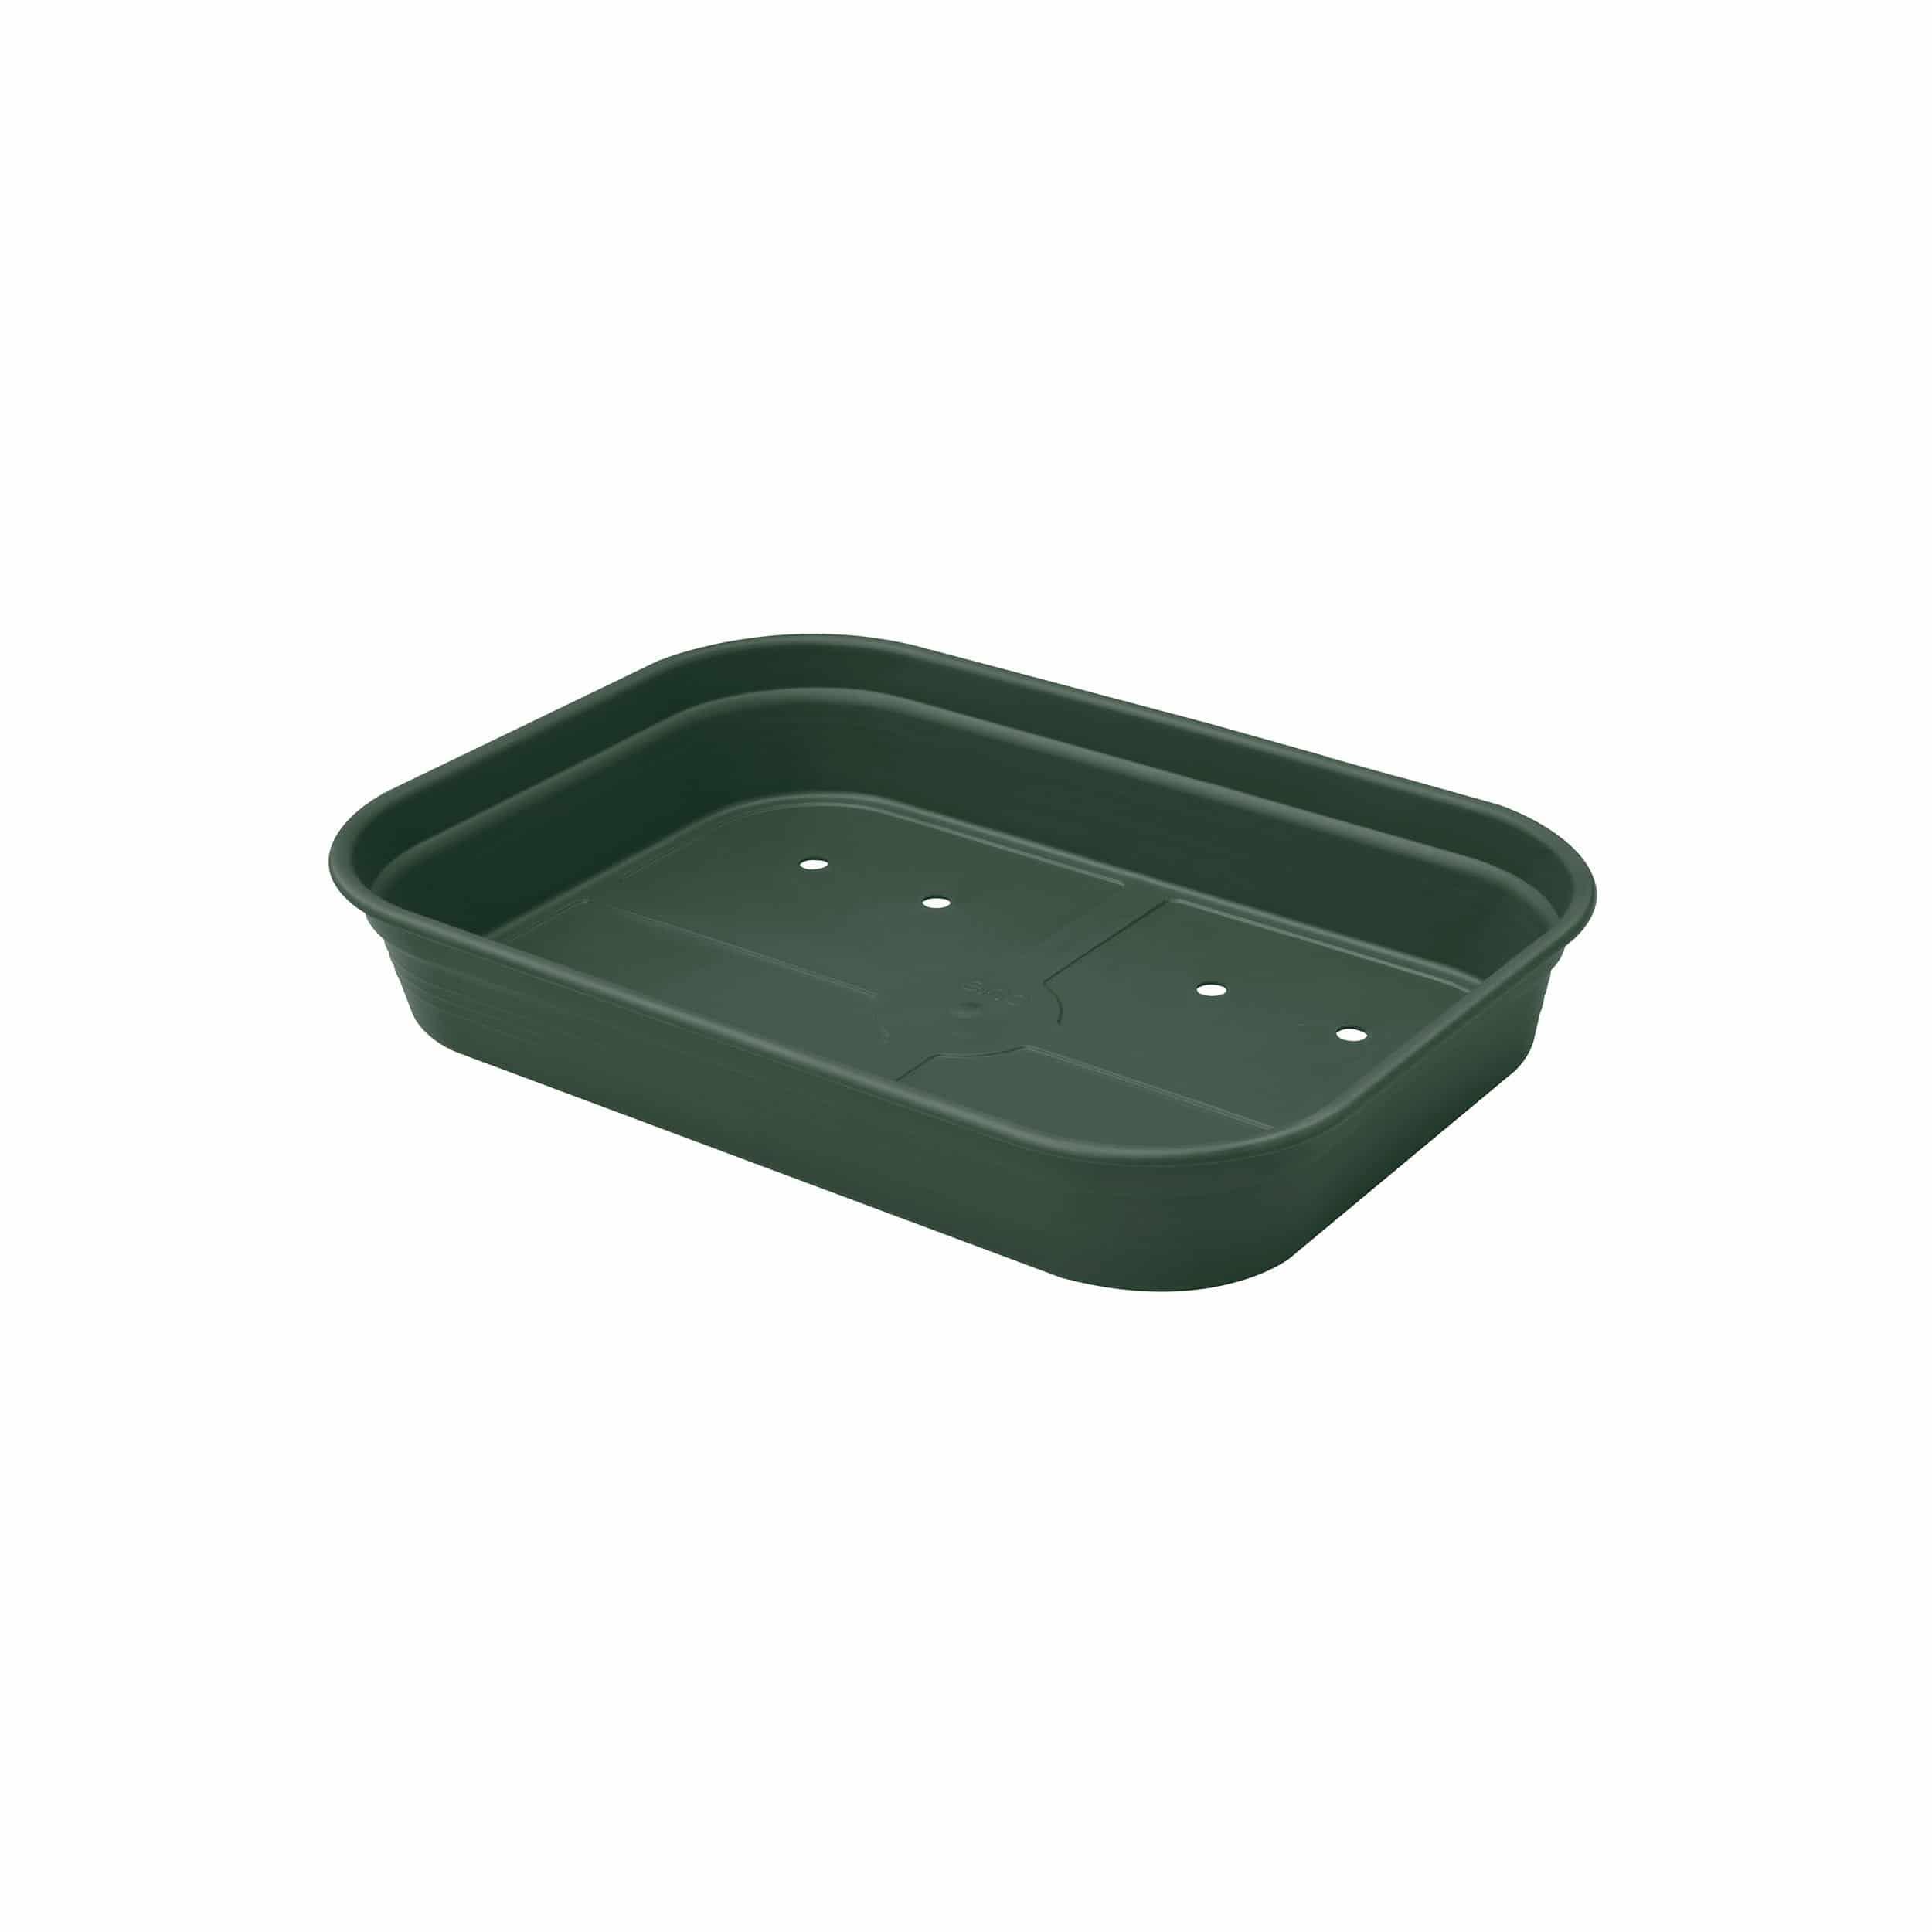 Anzuchthaus Schale Green Basics Größe M laubgrün